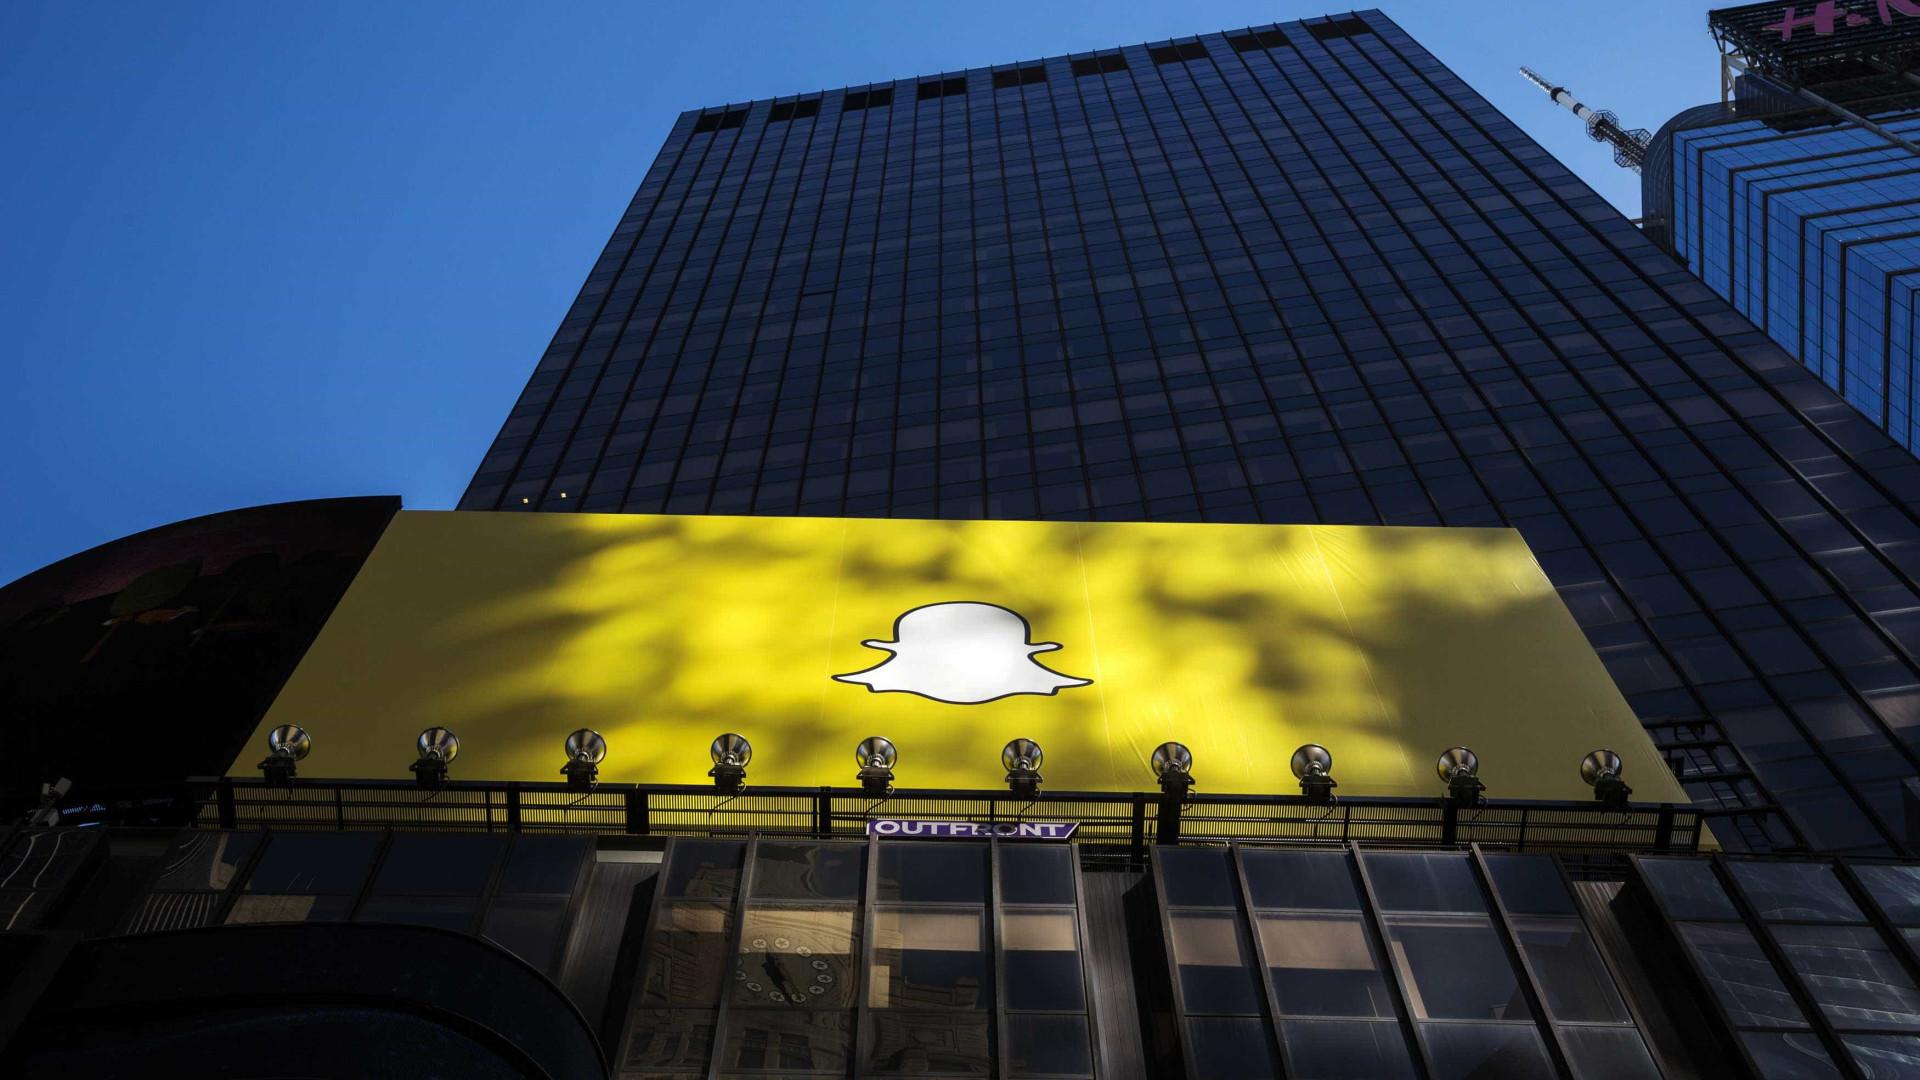 Novo balanço da Snap registra prejuízo de U$$ 443 milhões